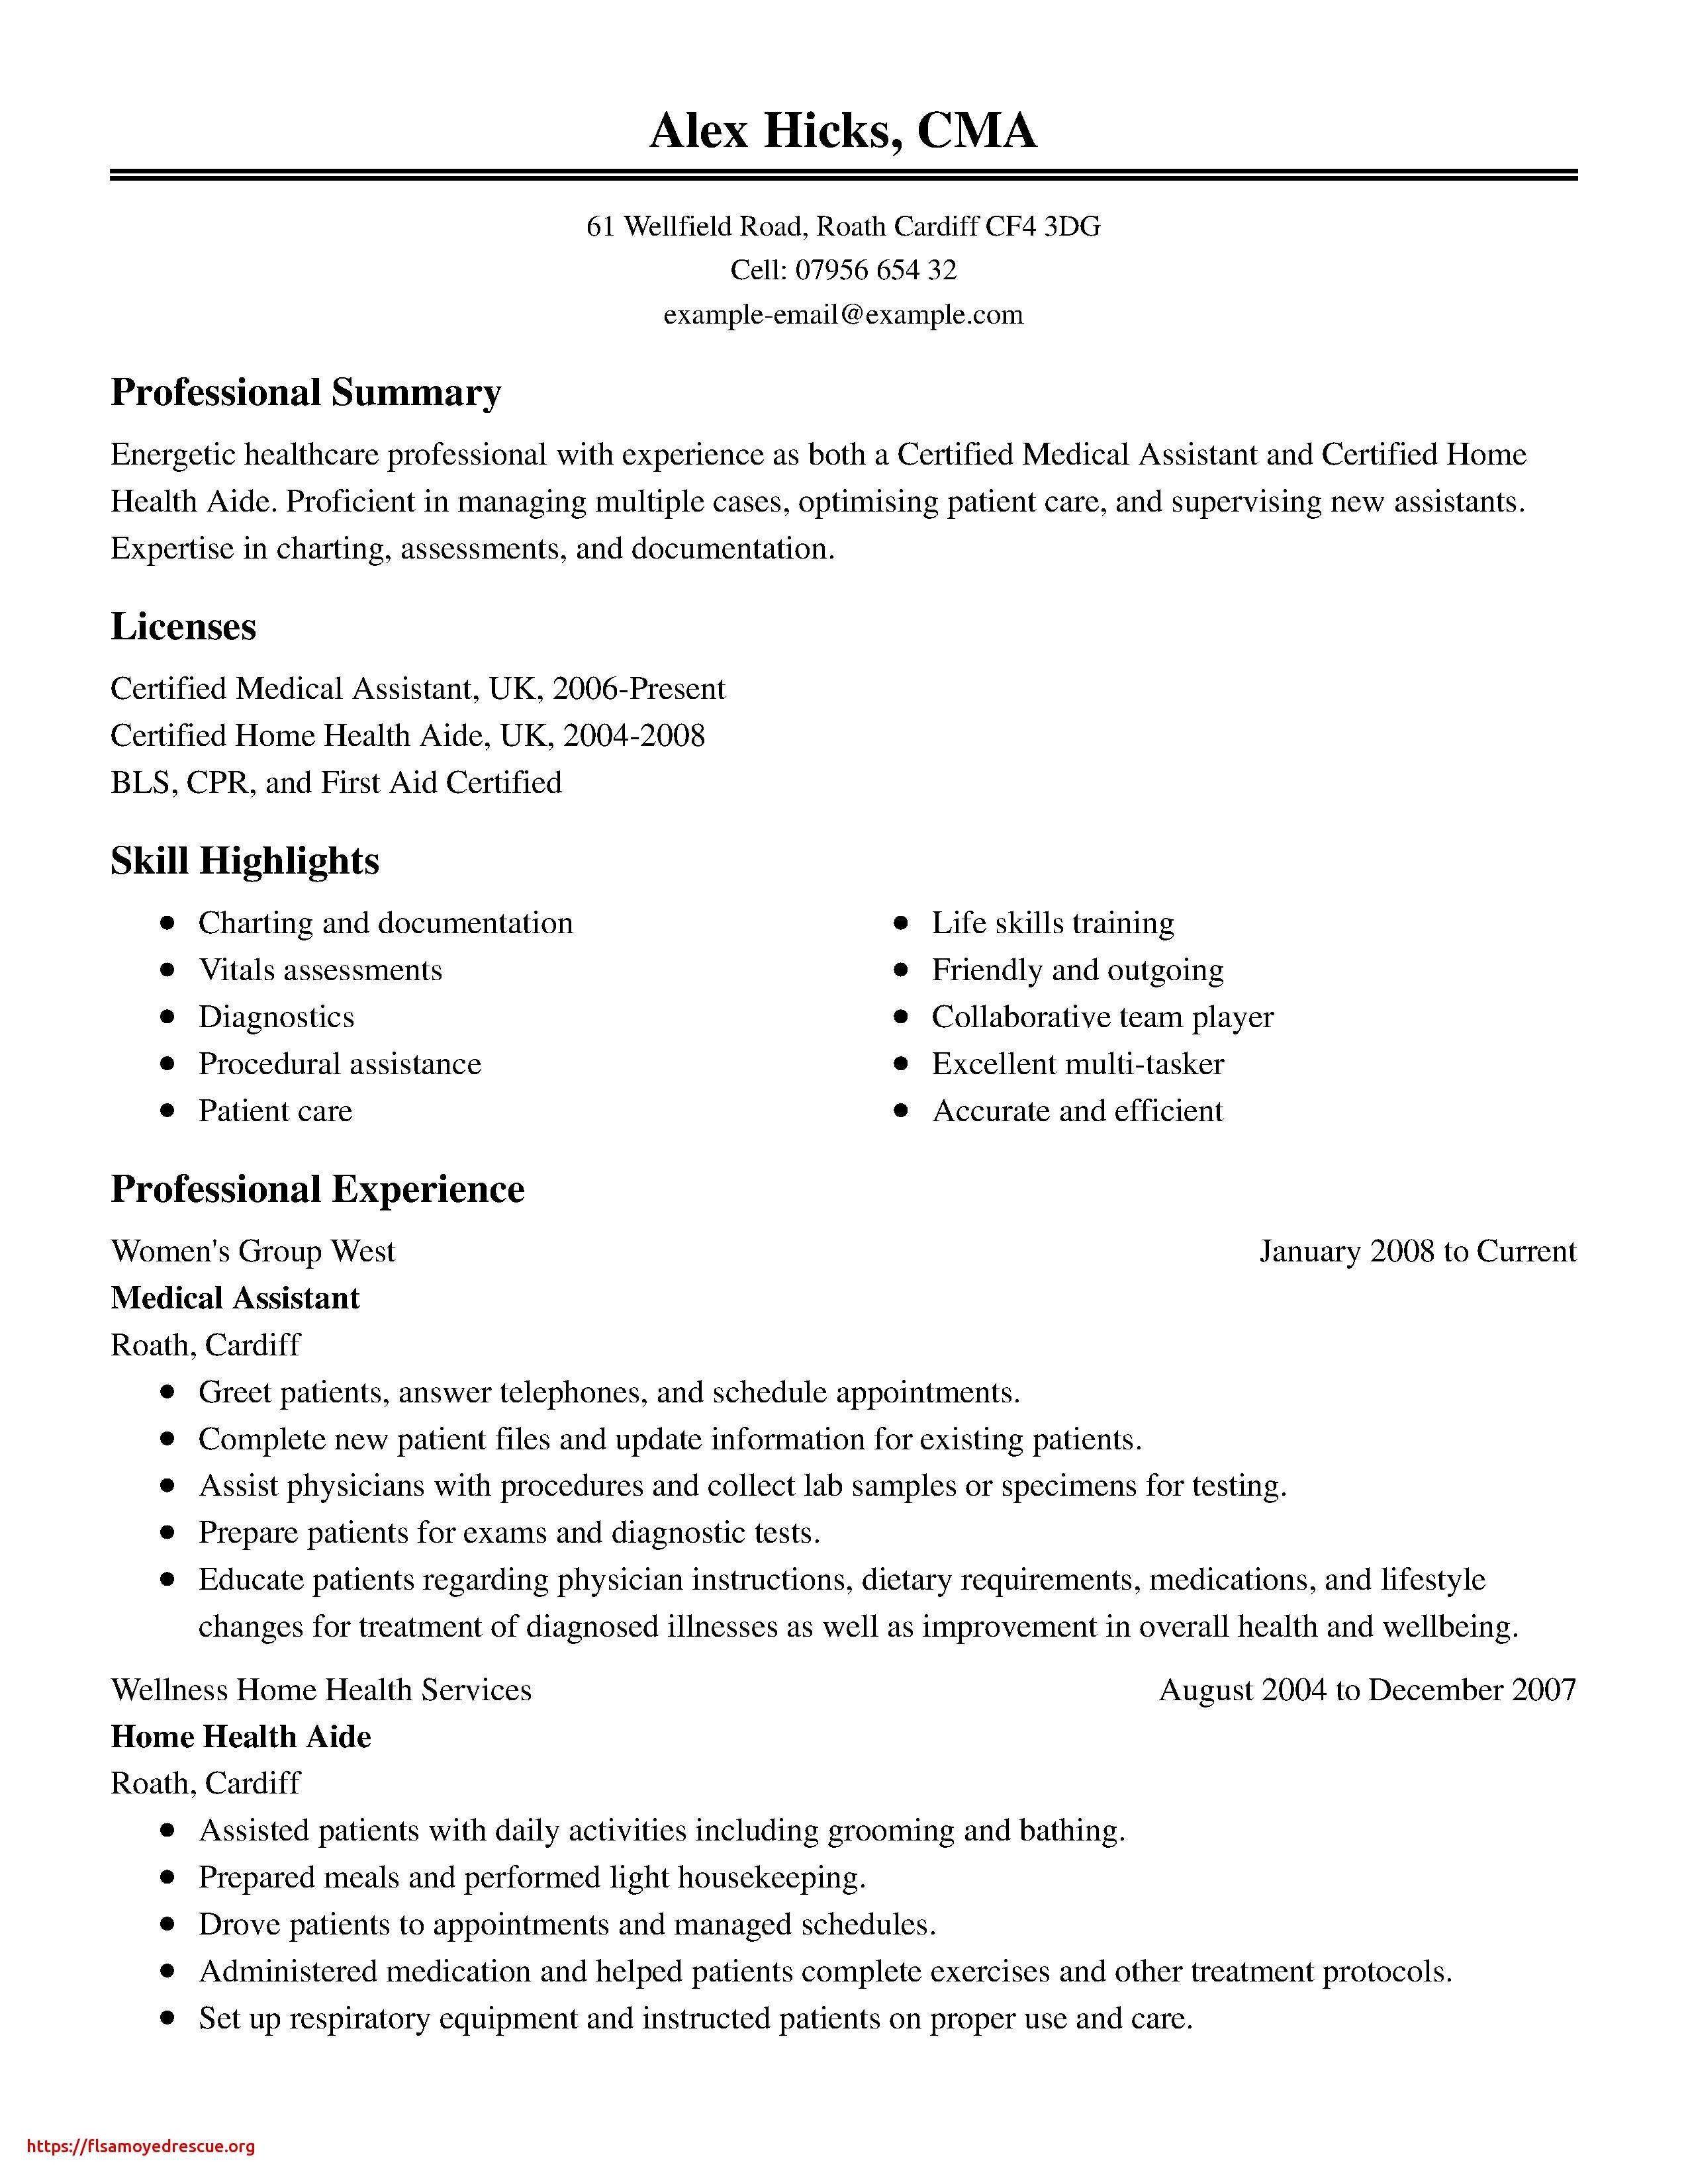 List cpr certification resume cwb welding supervisor resume